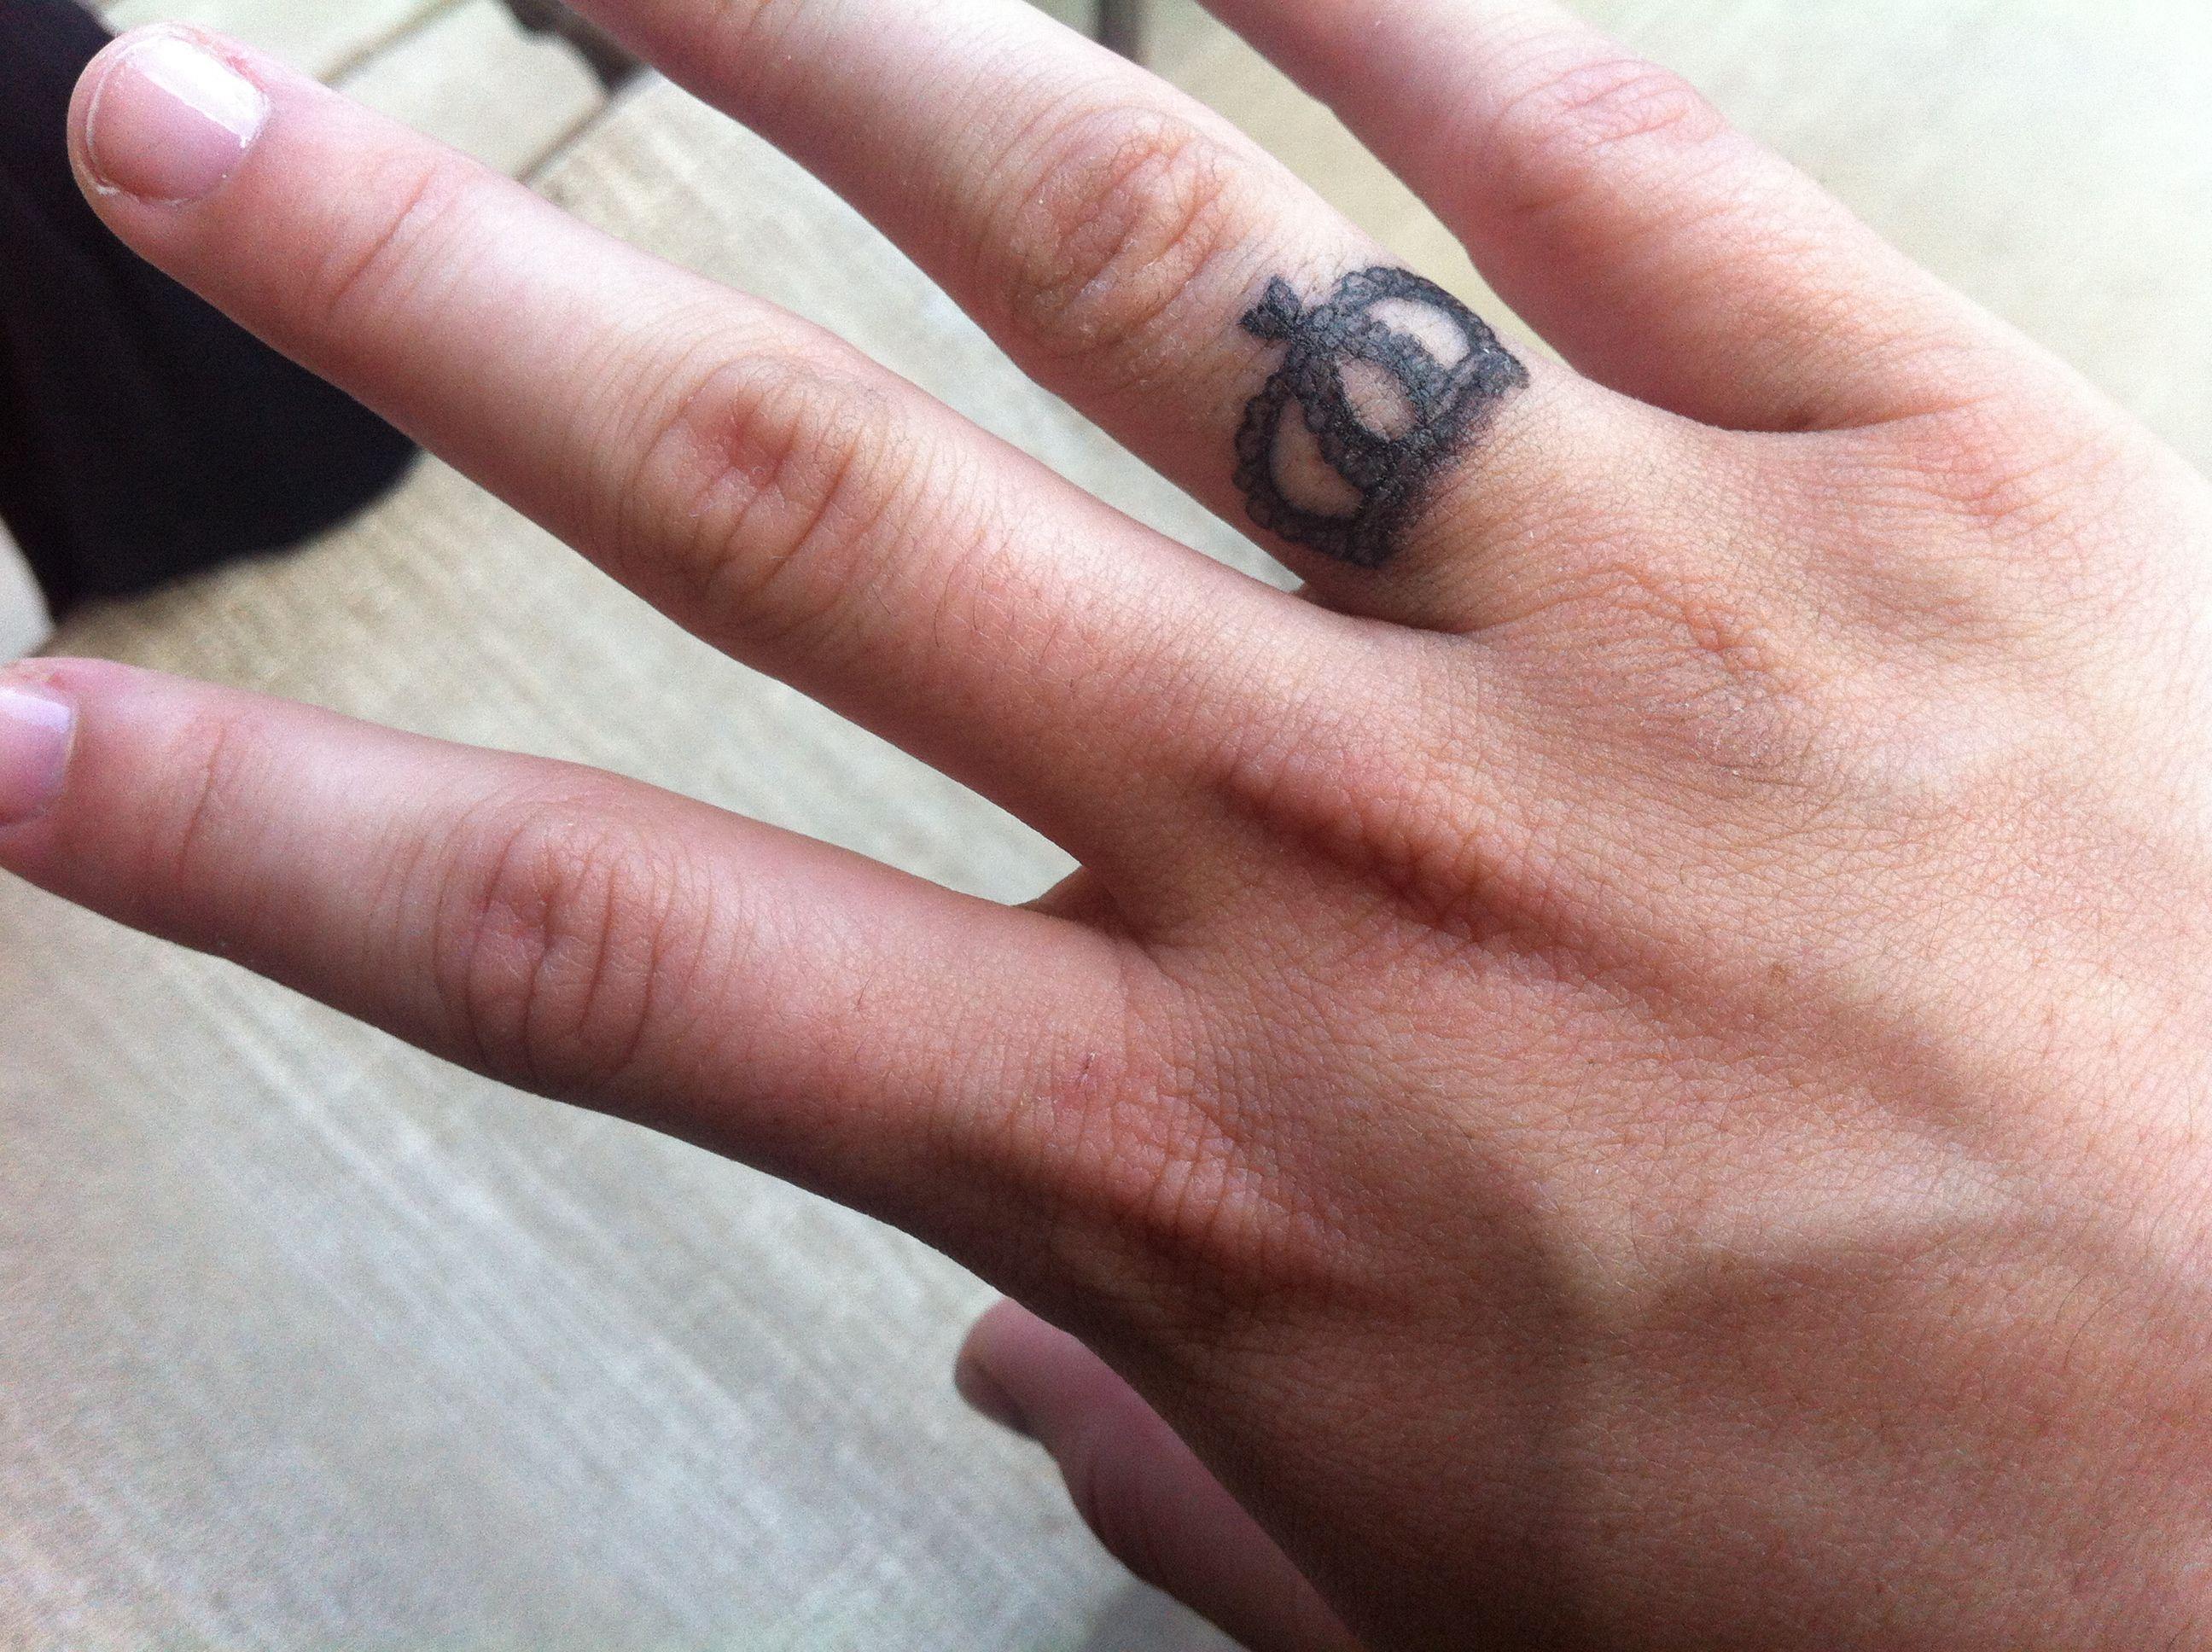 была строго тату на среднем пальце левой руки фото испытывают восторг